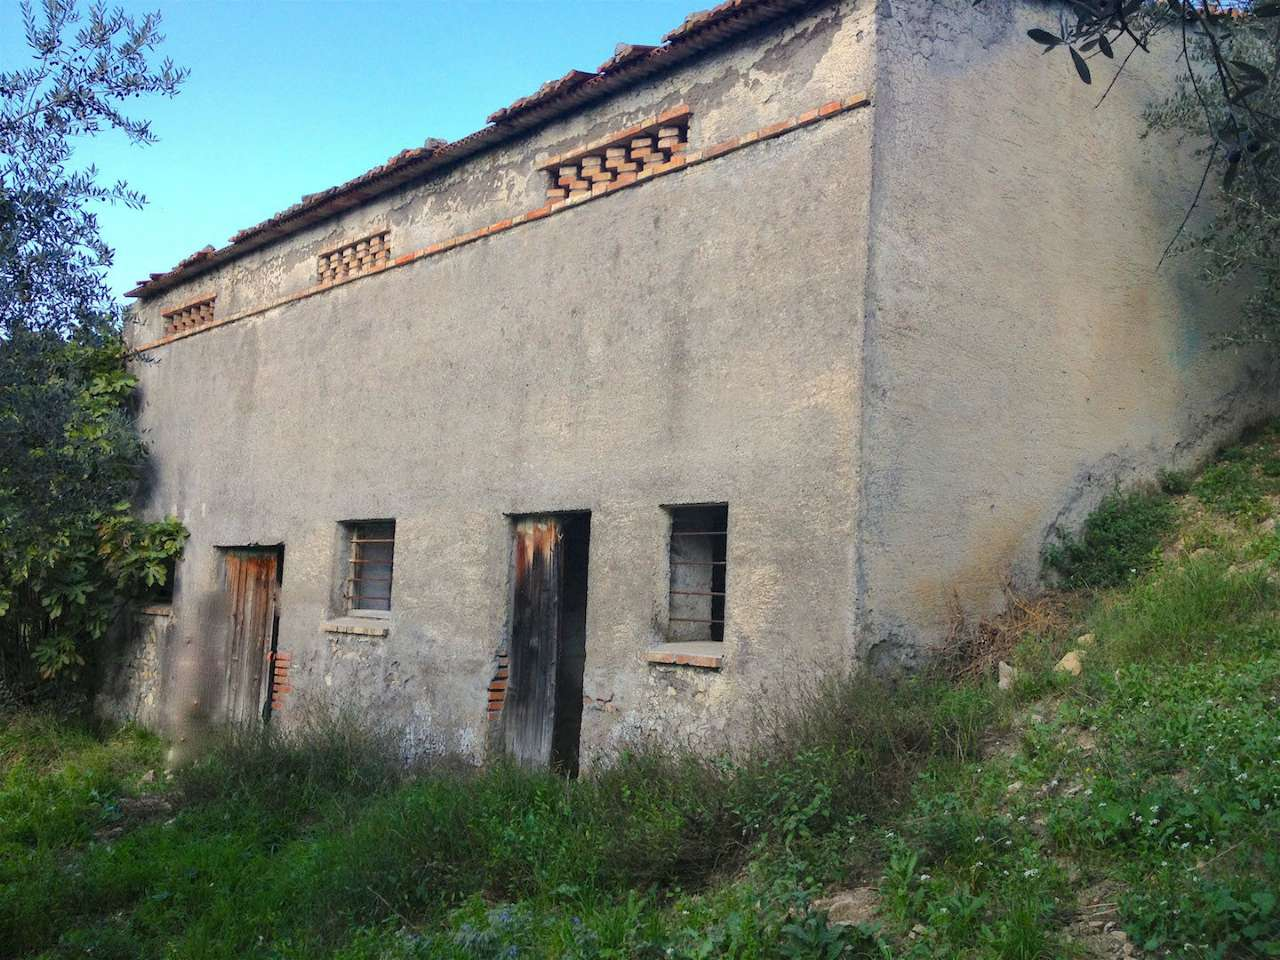 Rustico / Casale in vendita a Scandriglia, 2 locali, prezzo € 57.000   CambioCasa.it